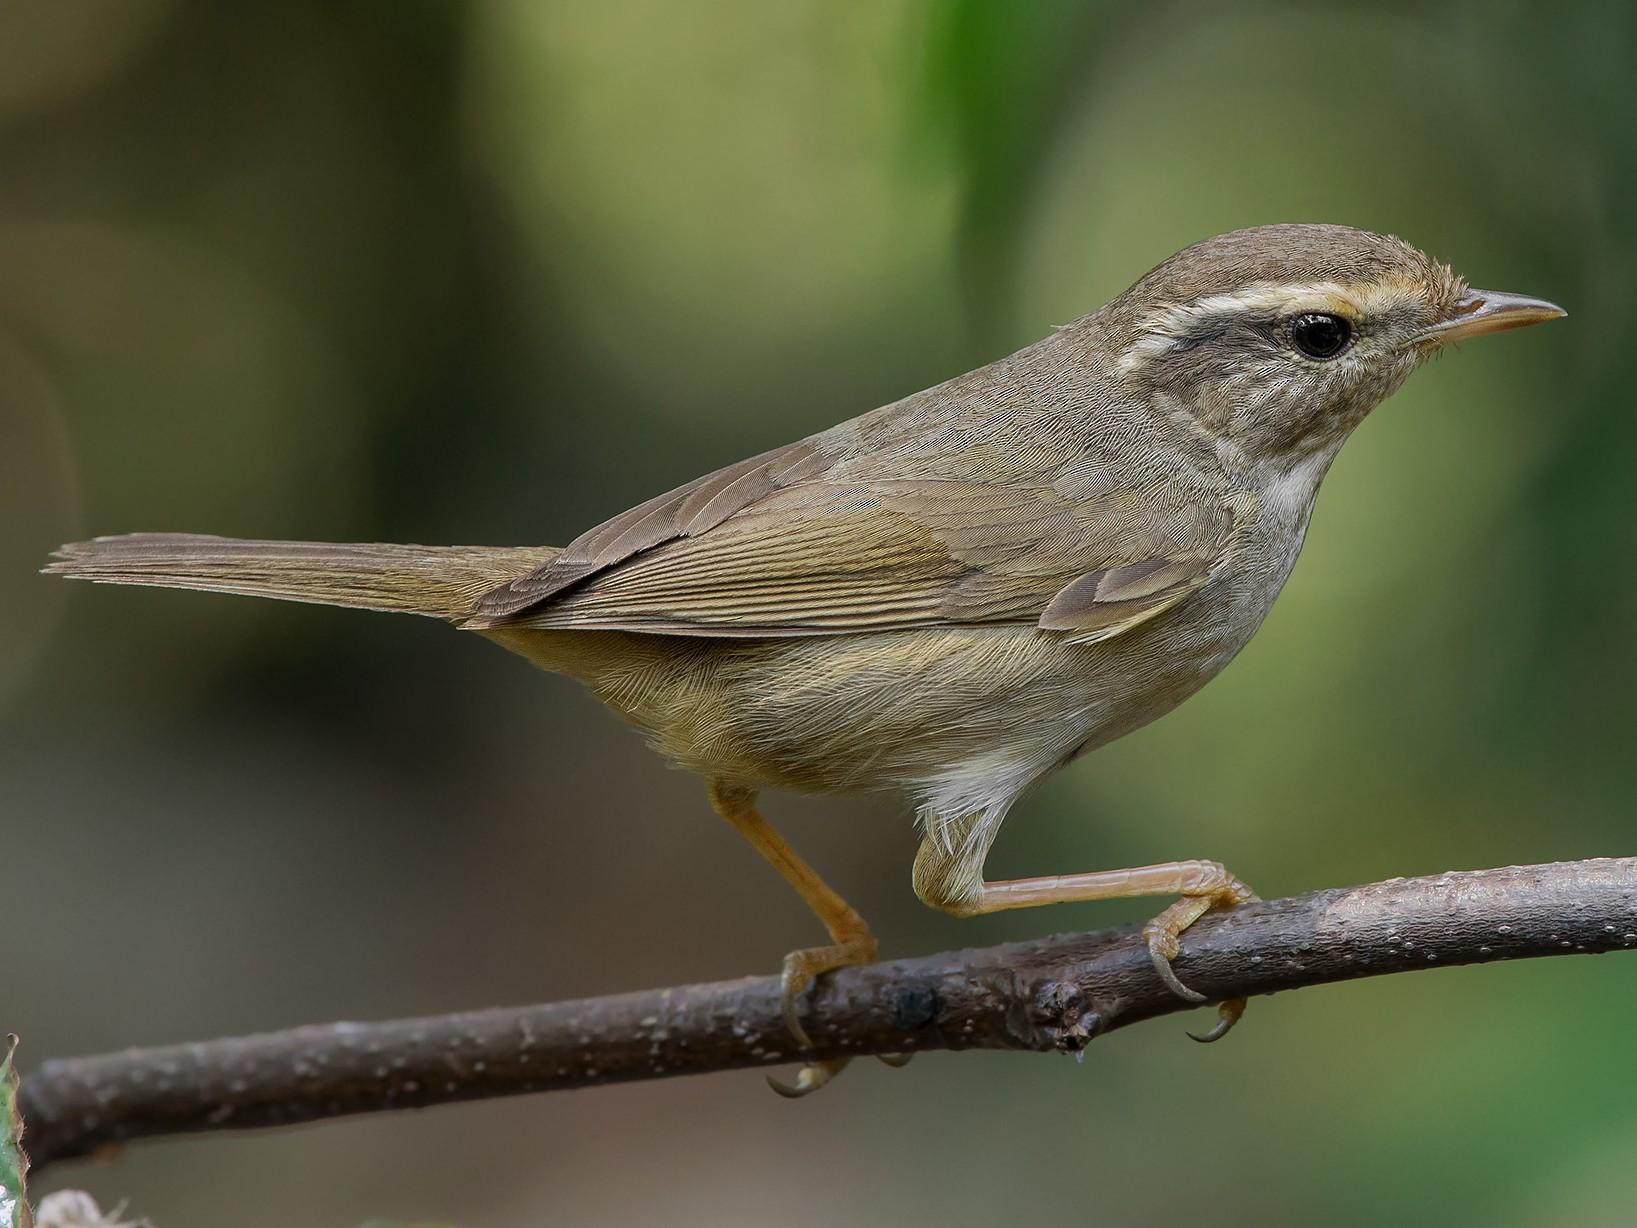 Radde's Warbler - Natthaphat Chotjuckdikul